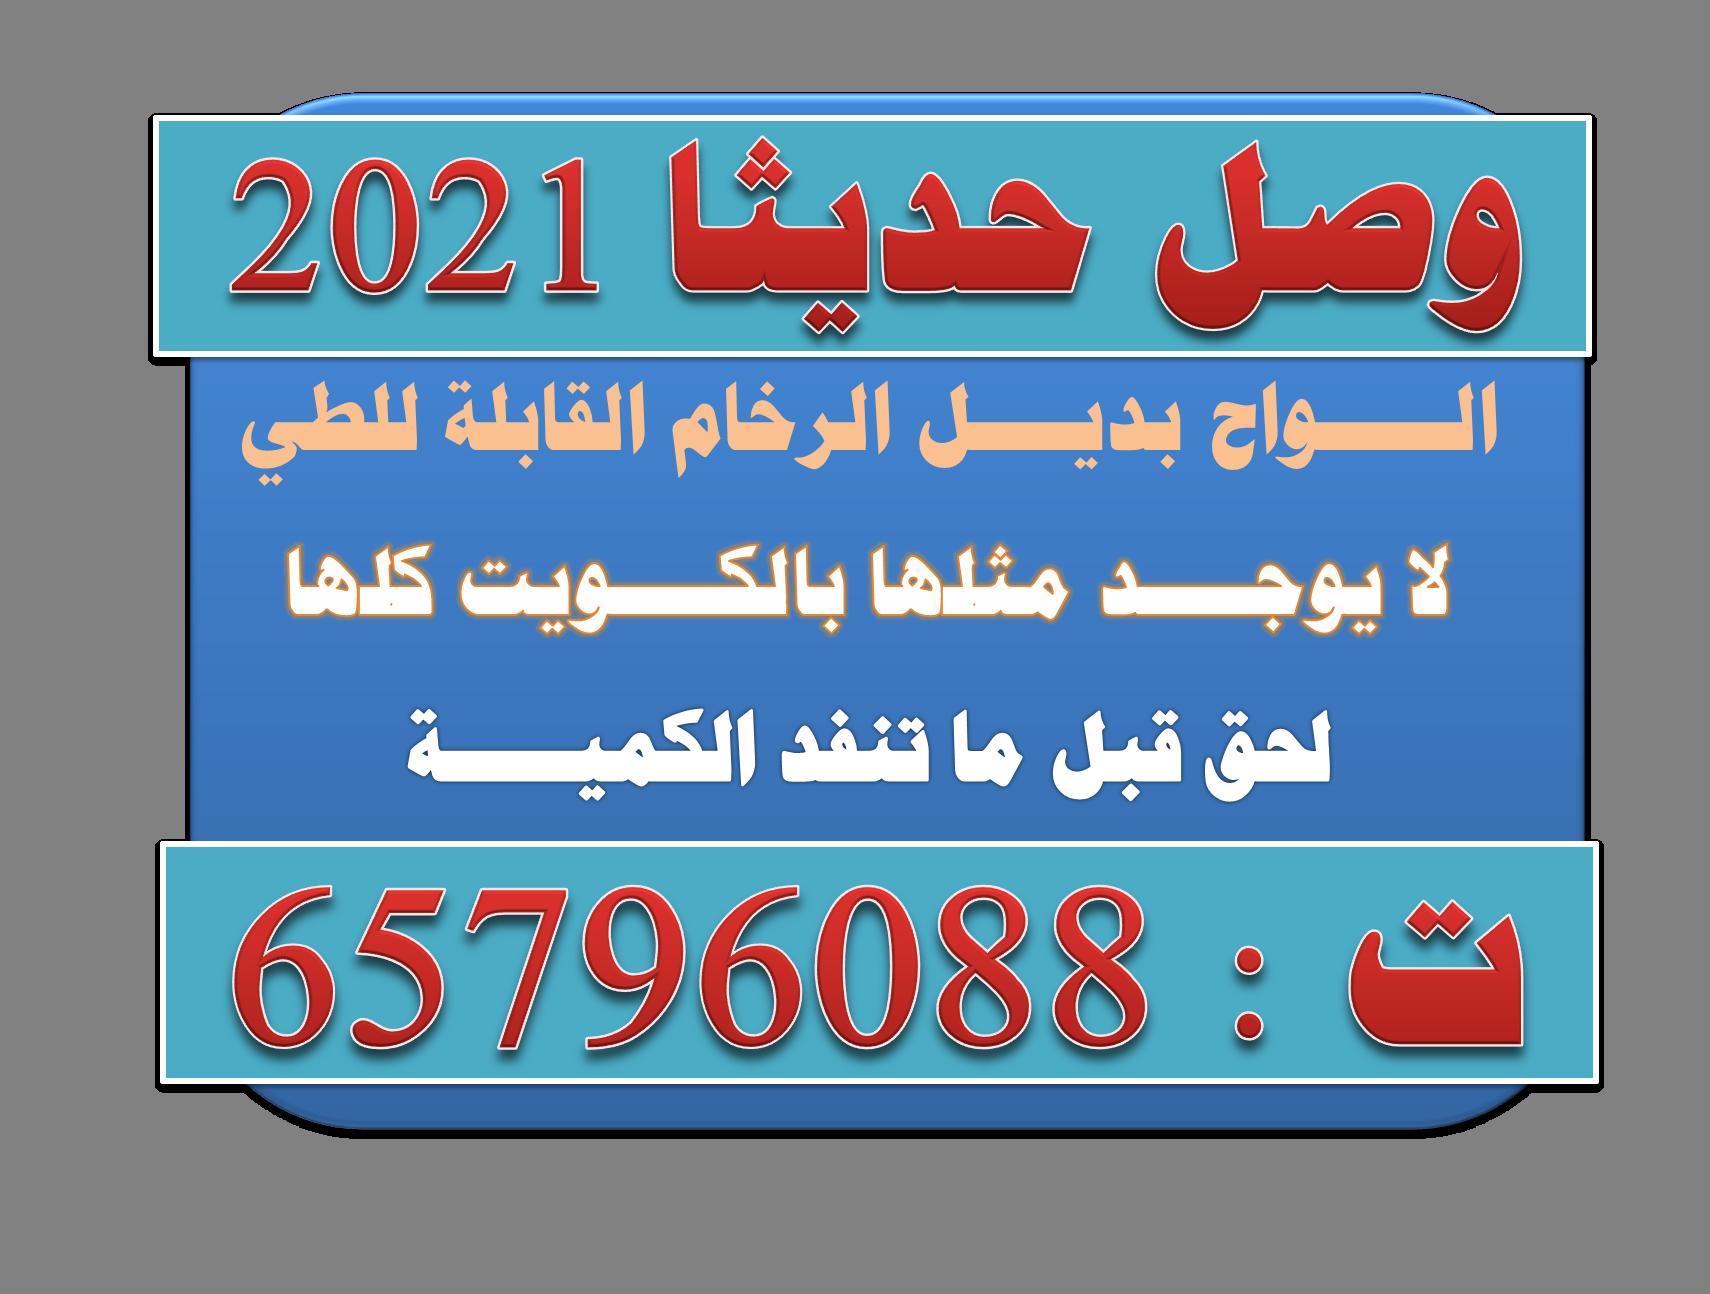 بديل الرخام بالكويت ابو عمر 1 - كل الإعلانات